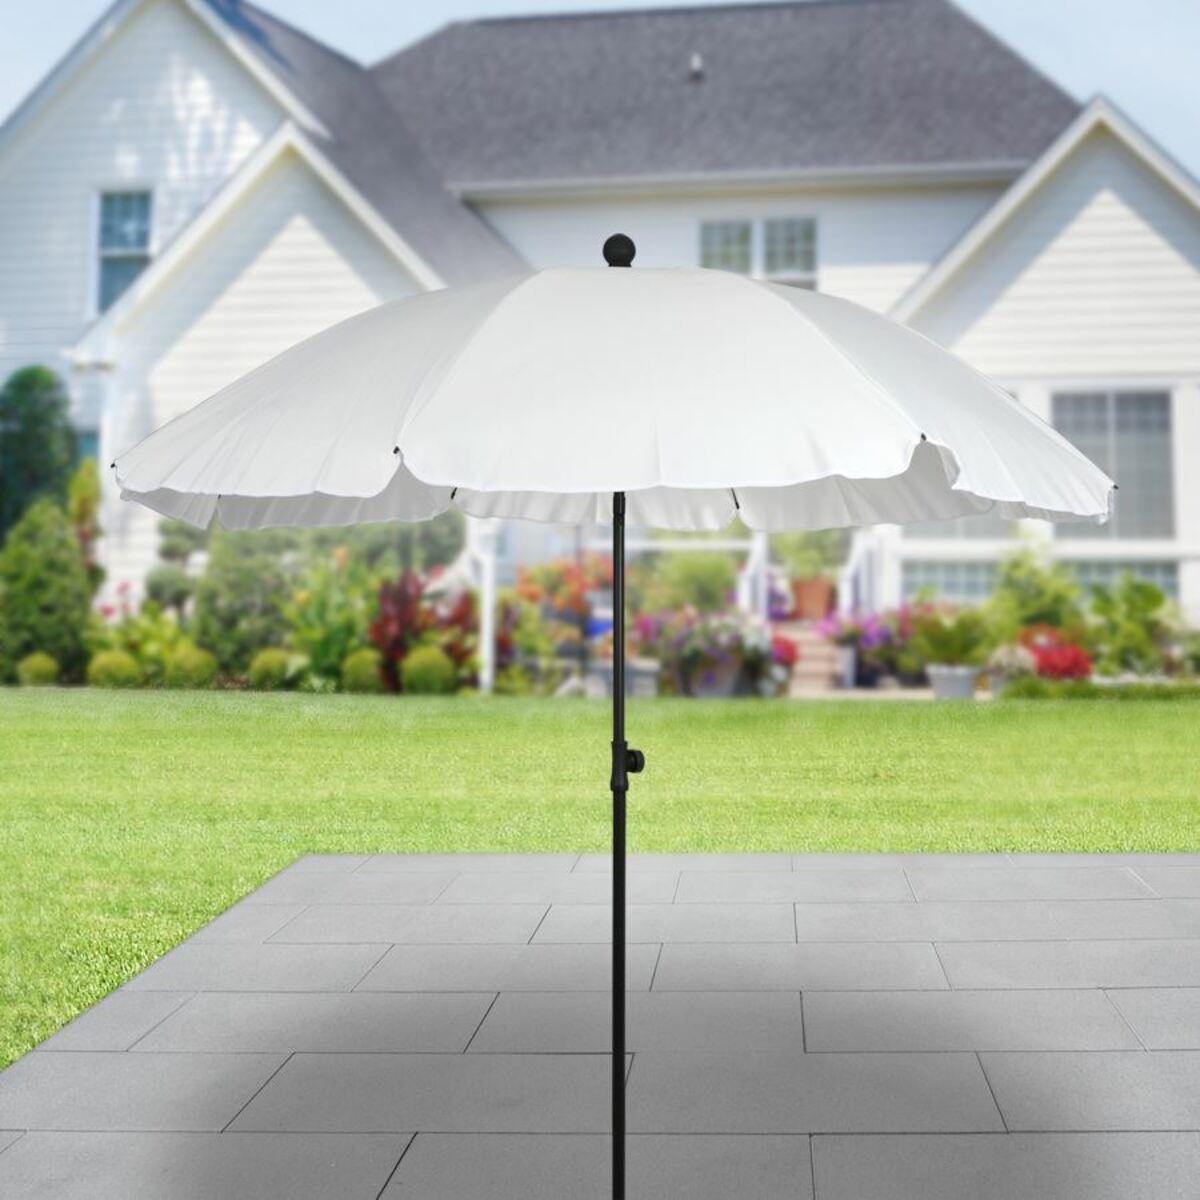 Bild 1 von Sonnenschirm mit Knickgelenk 175x200cm Weiß, beschichtetes Metallgestell, Schirmbespannung aus 100% Polyester, Gewicht: ca. 1,71kg